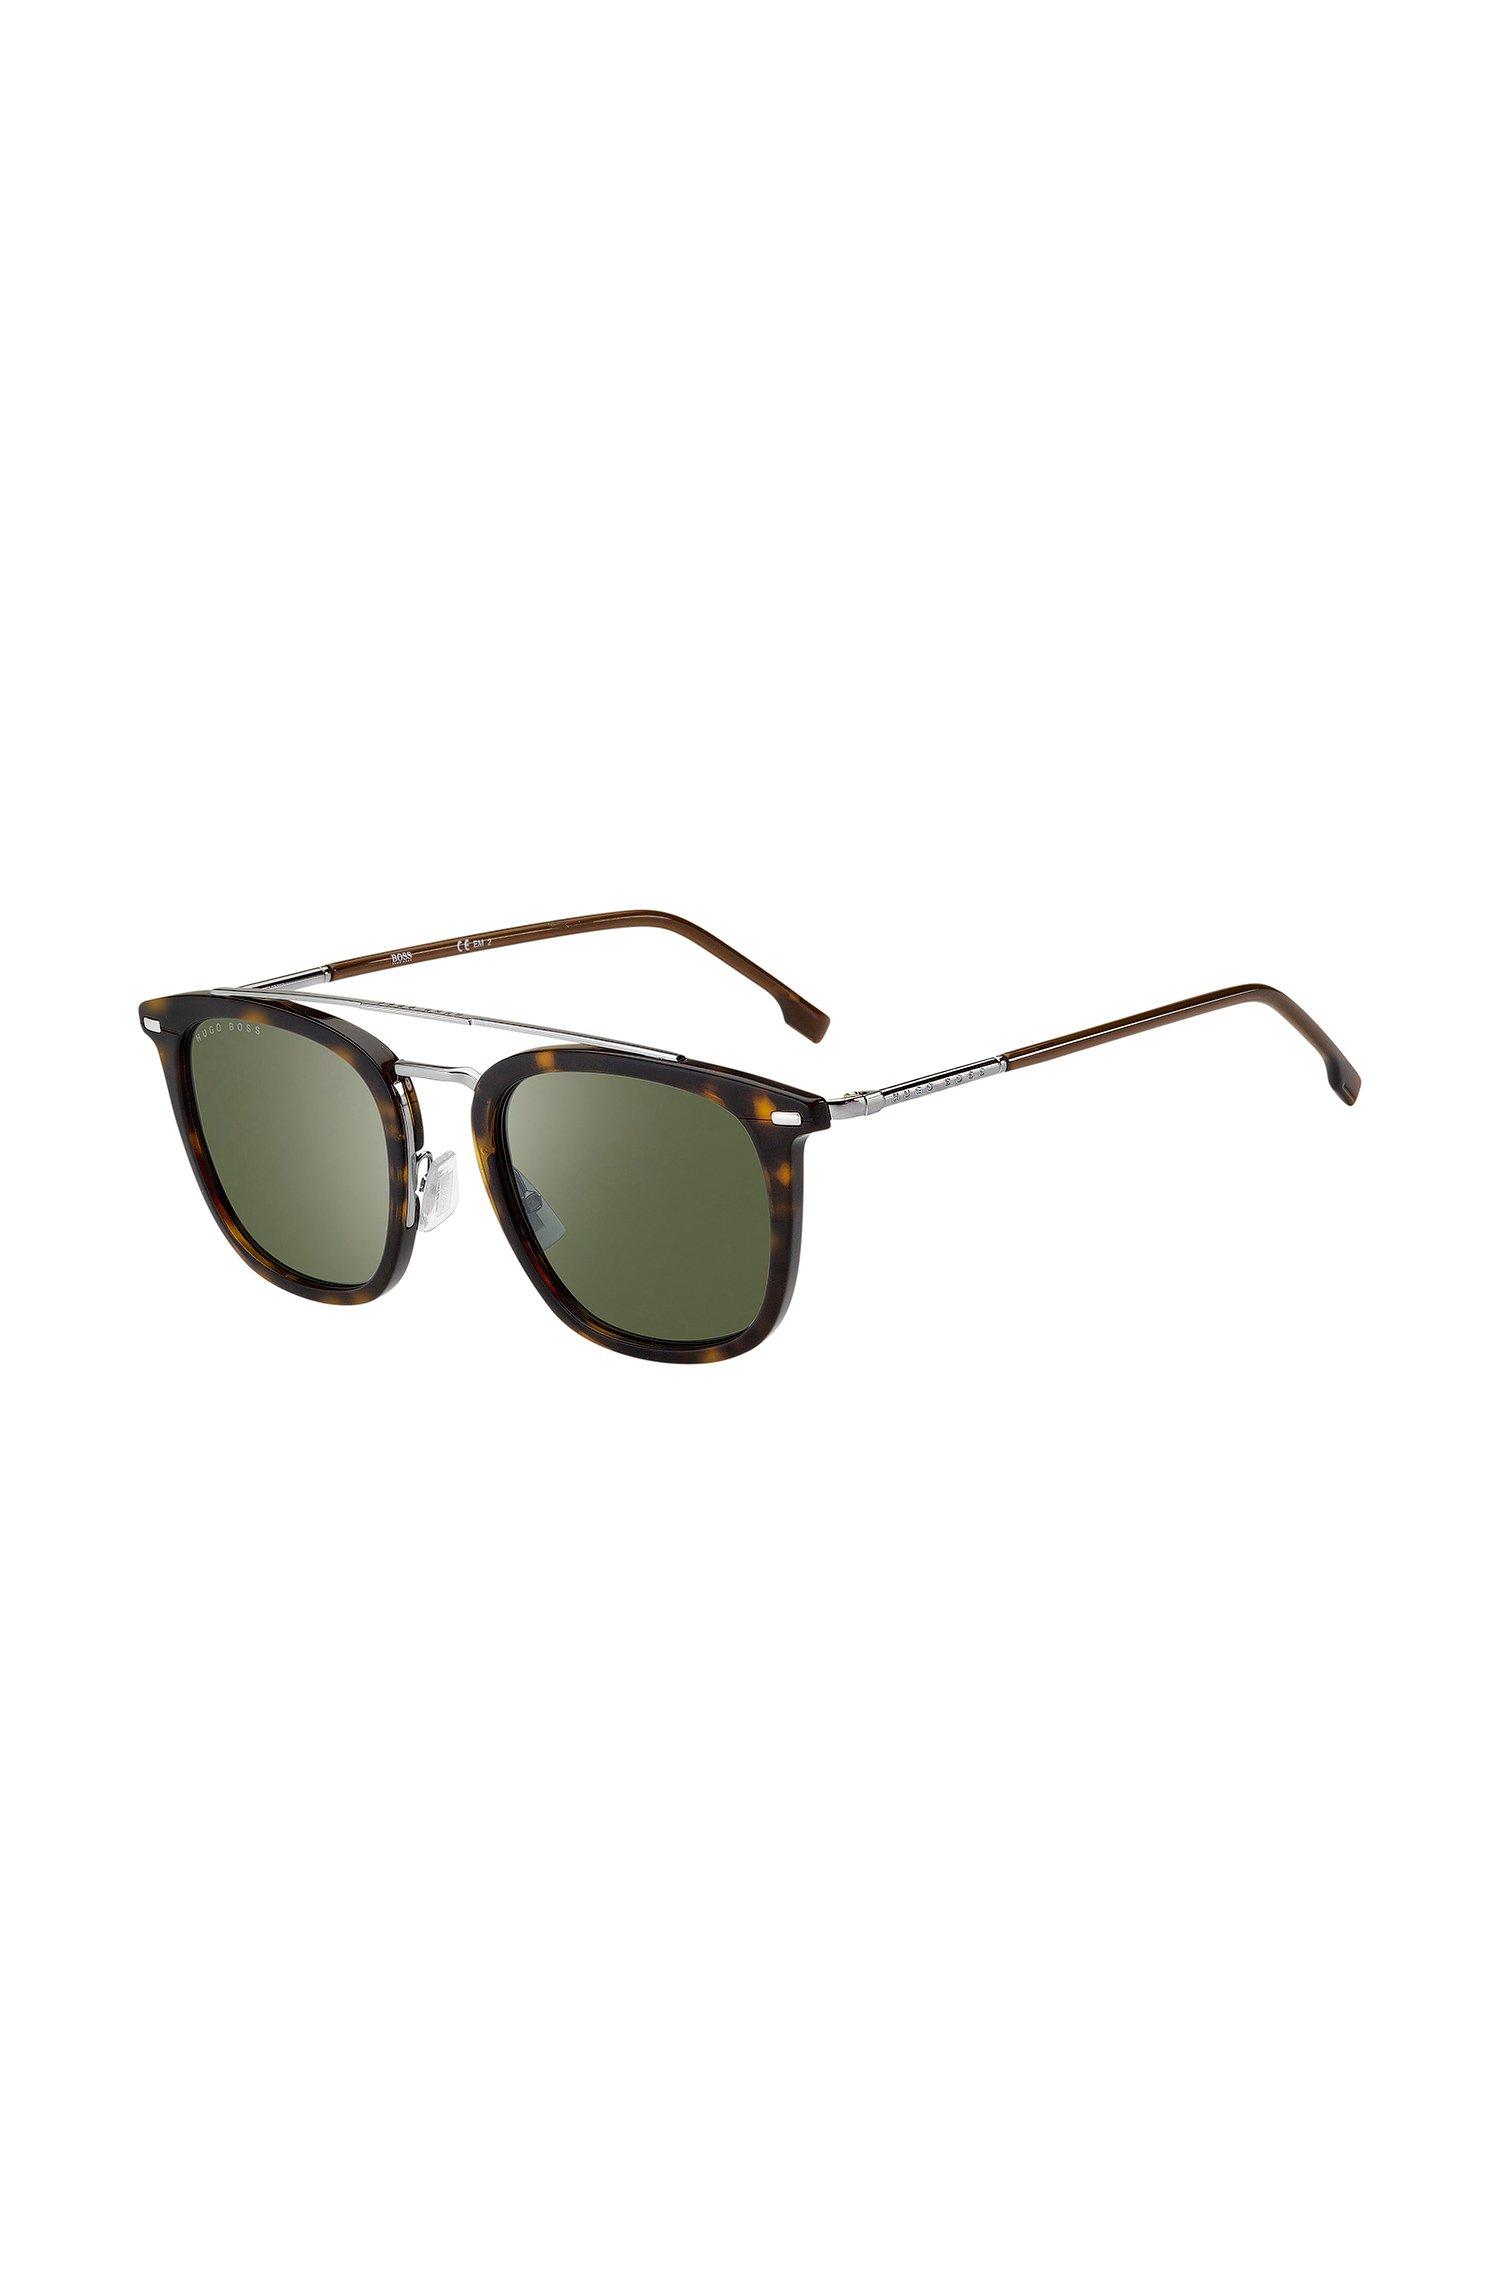 Sonnenbrille aus Acetat mit Havanna-Muster und grünen Gläsern, Assorted-Pre-Pack